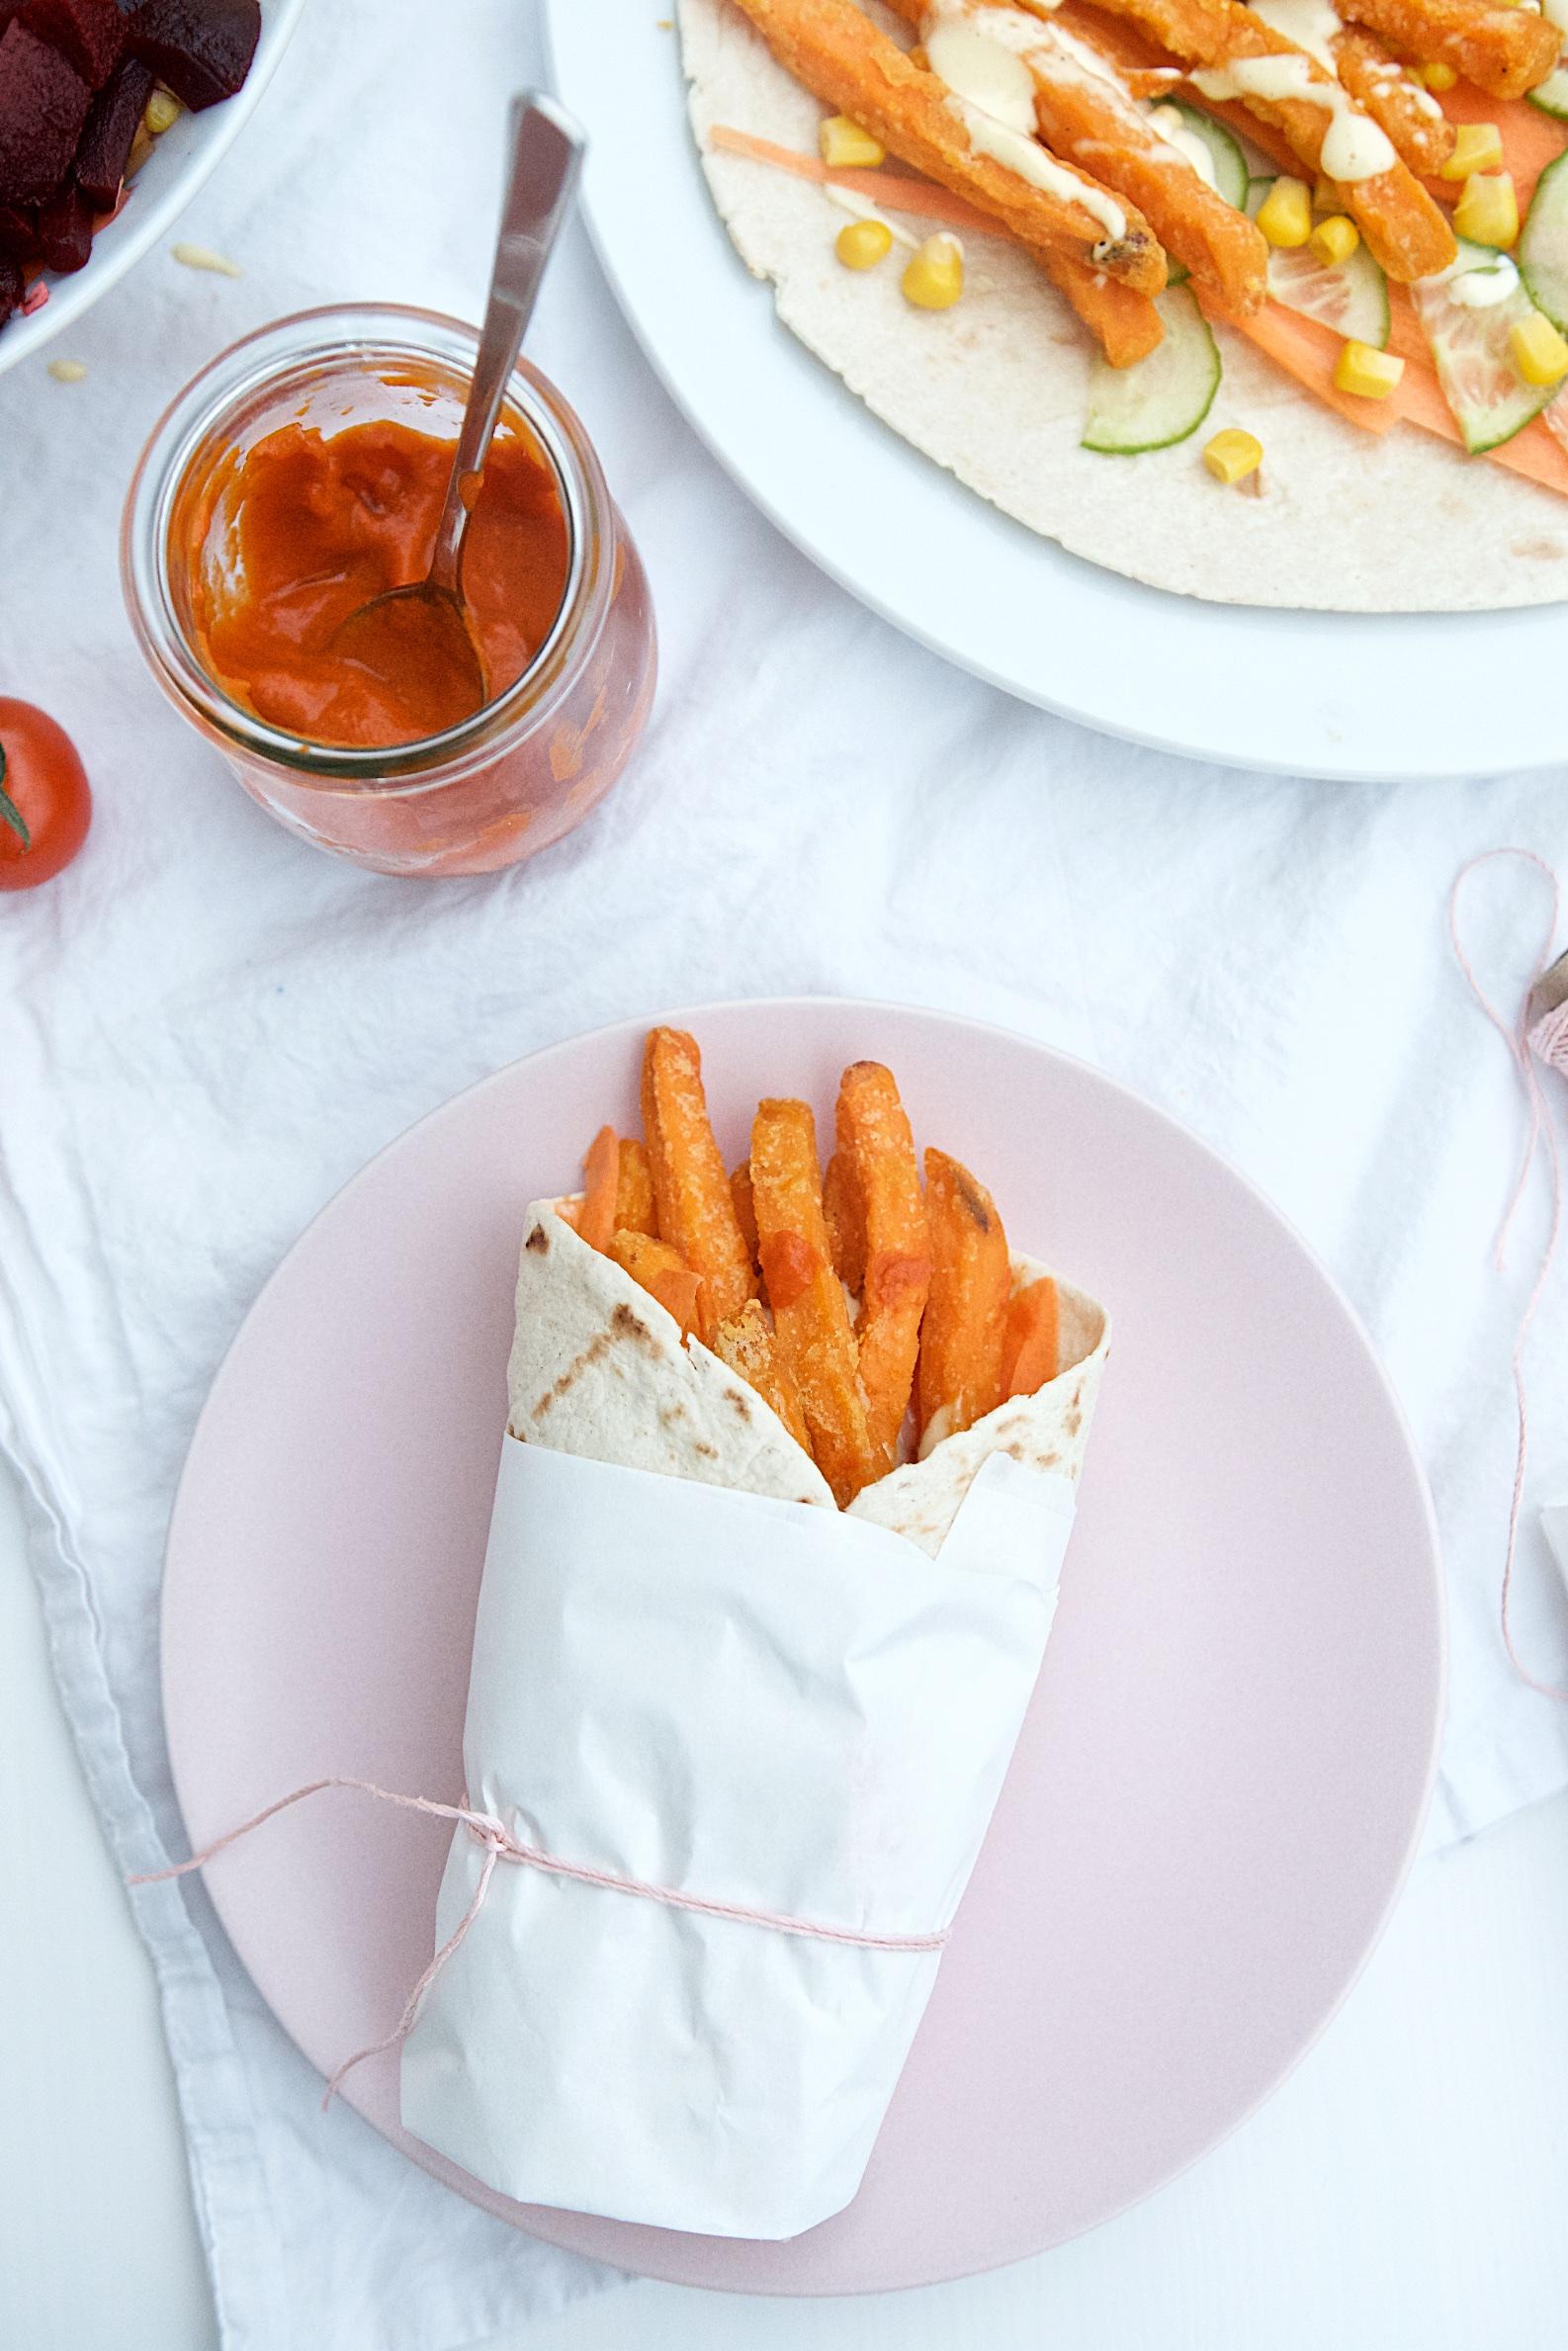 Süßkartoffelpommes-Wrap mit Gemüse und selbstgemachter Mayonnaise | Pinkepank (4)